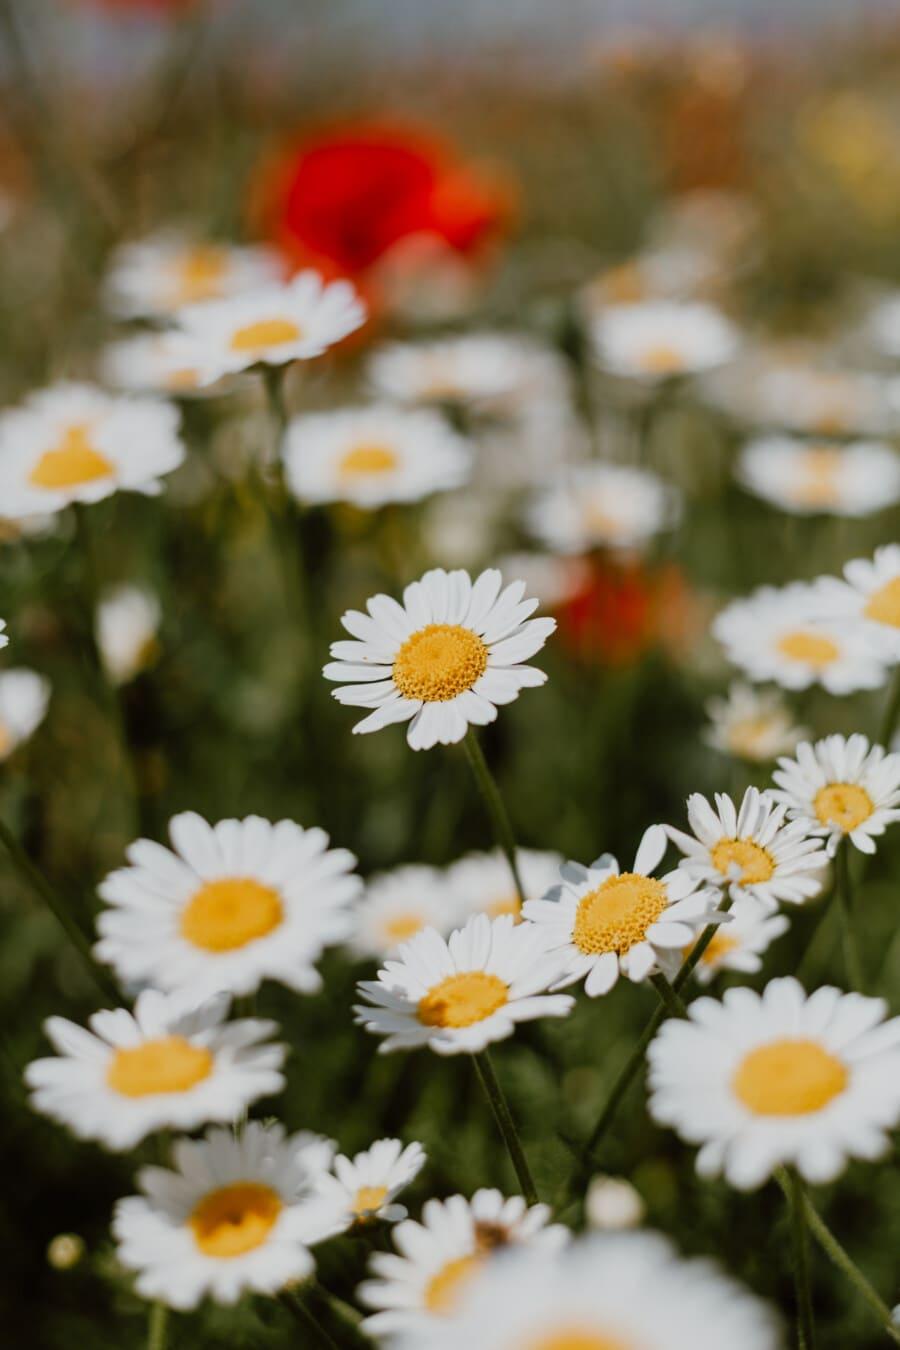 Kamille, Wildblumen, Anlage, Frühling, Wiese, Blüte, Natur, Blume, Kraut, Sommer